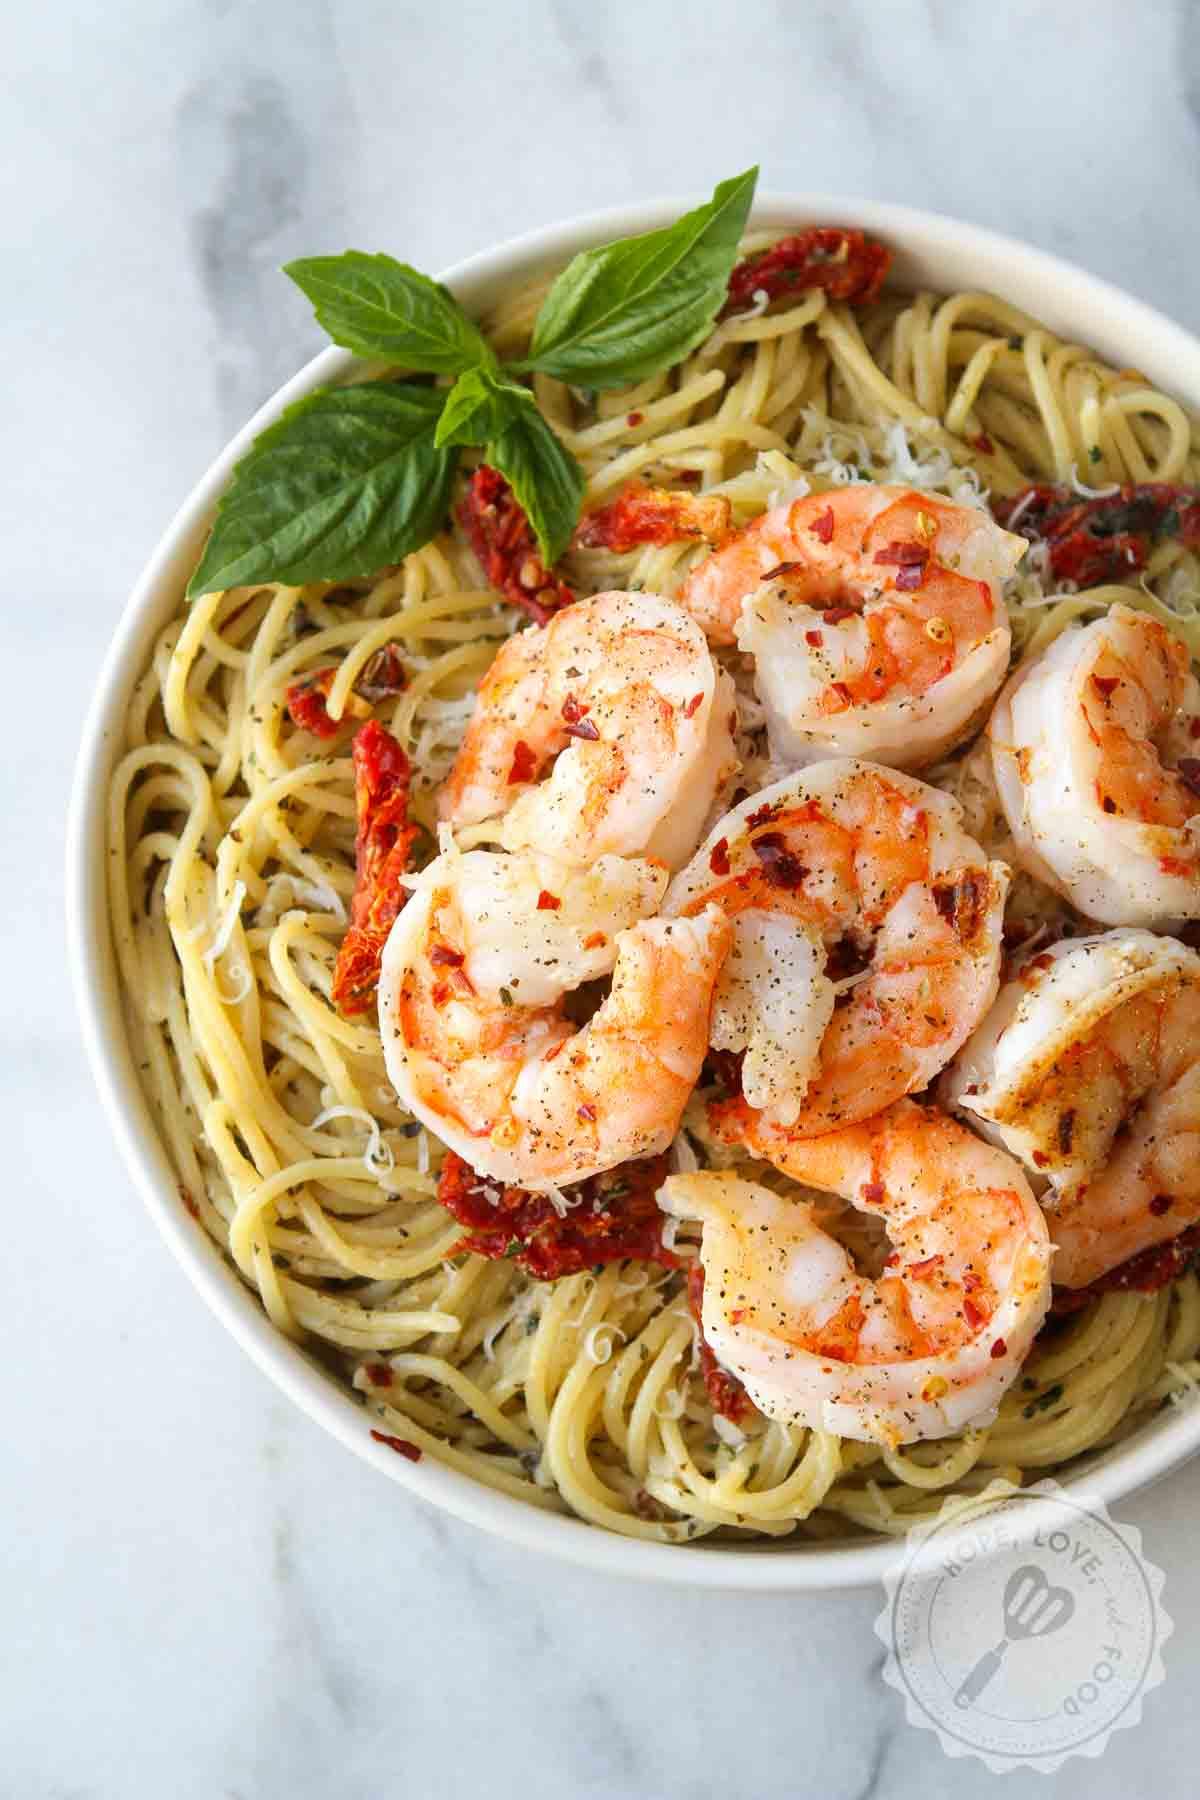 Shrimp on roasted garlic pasta.